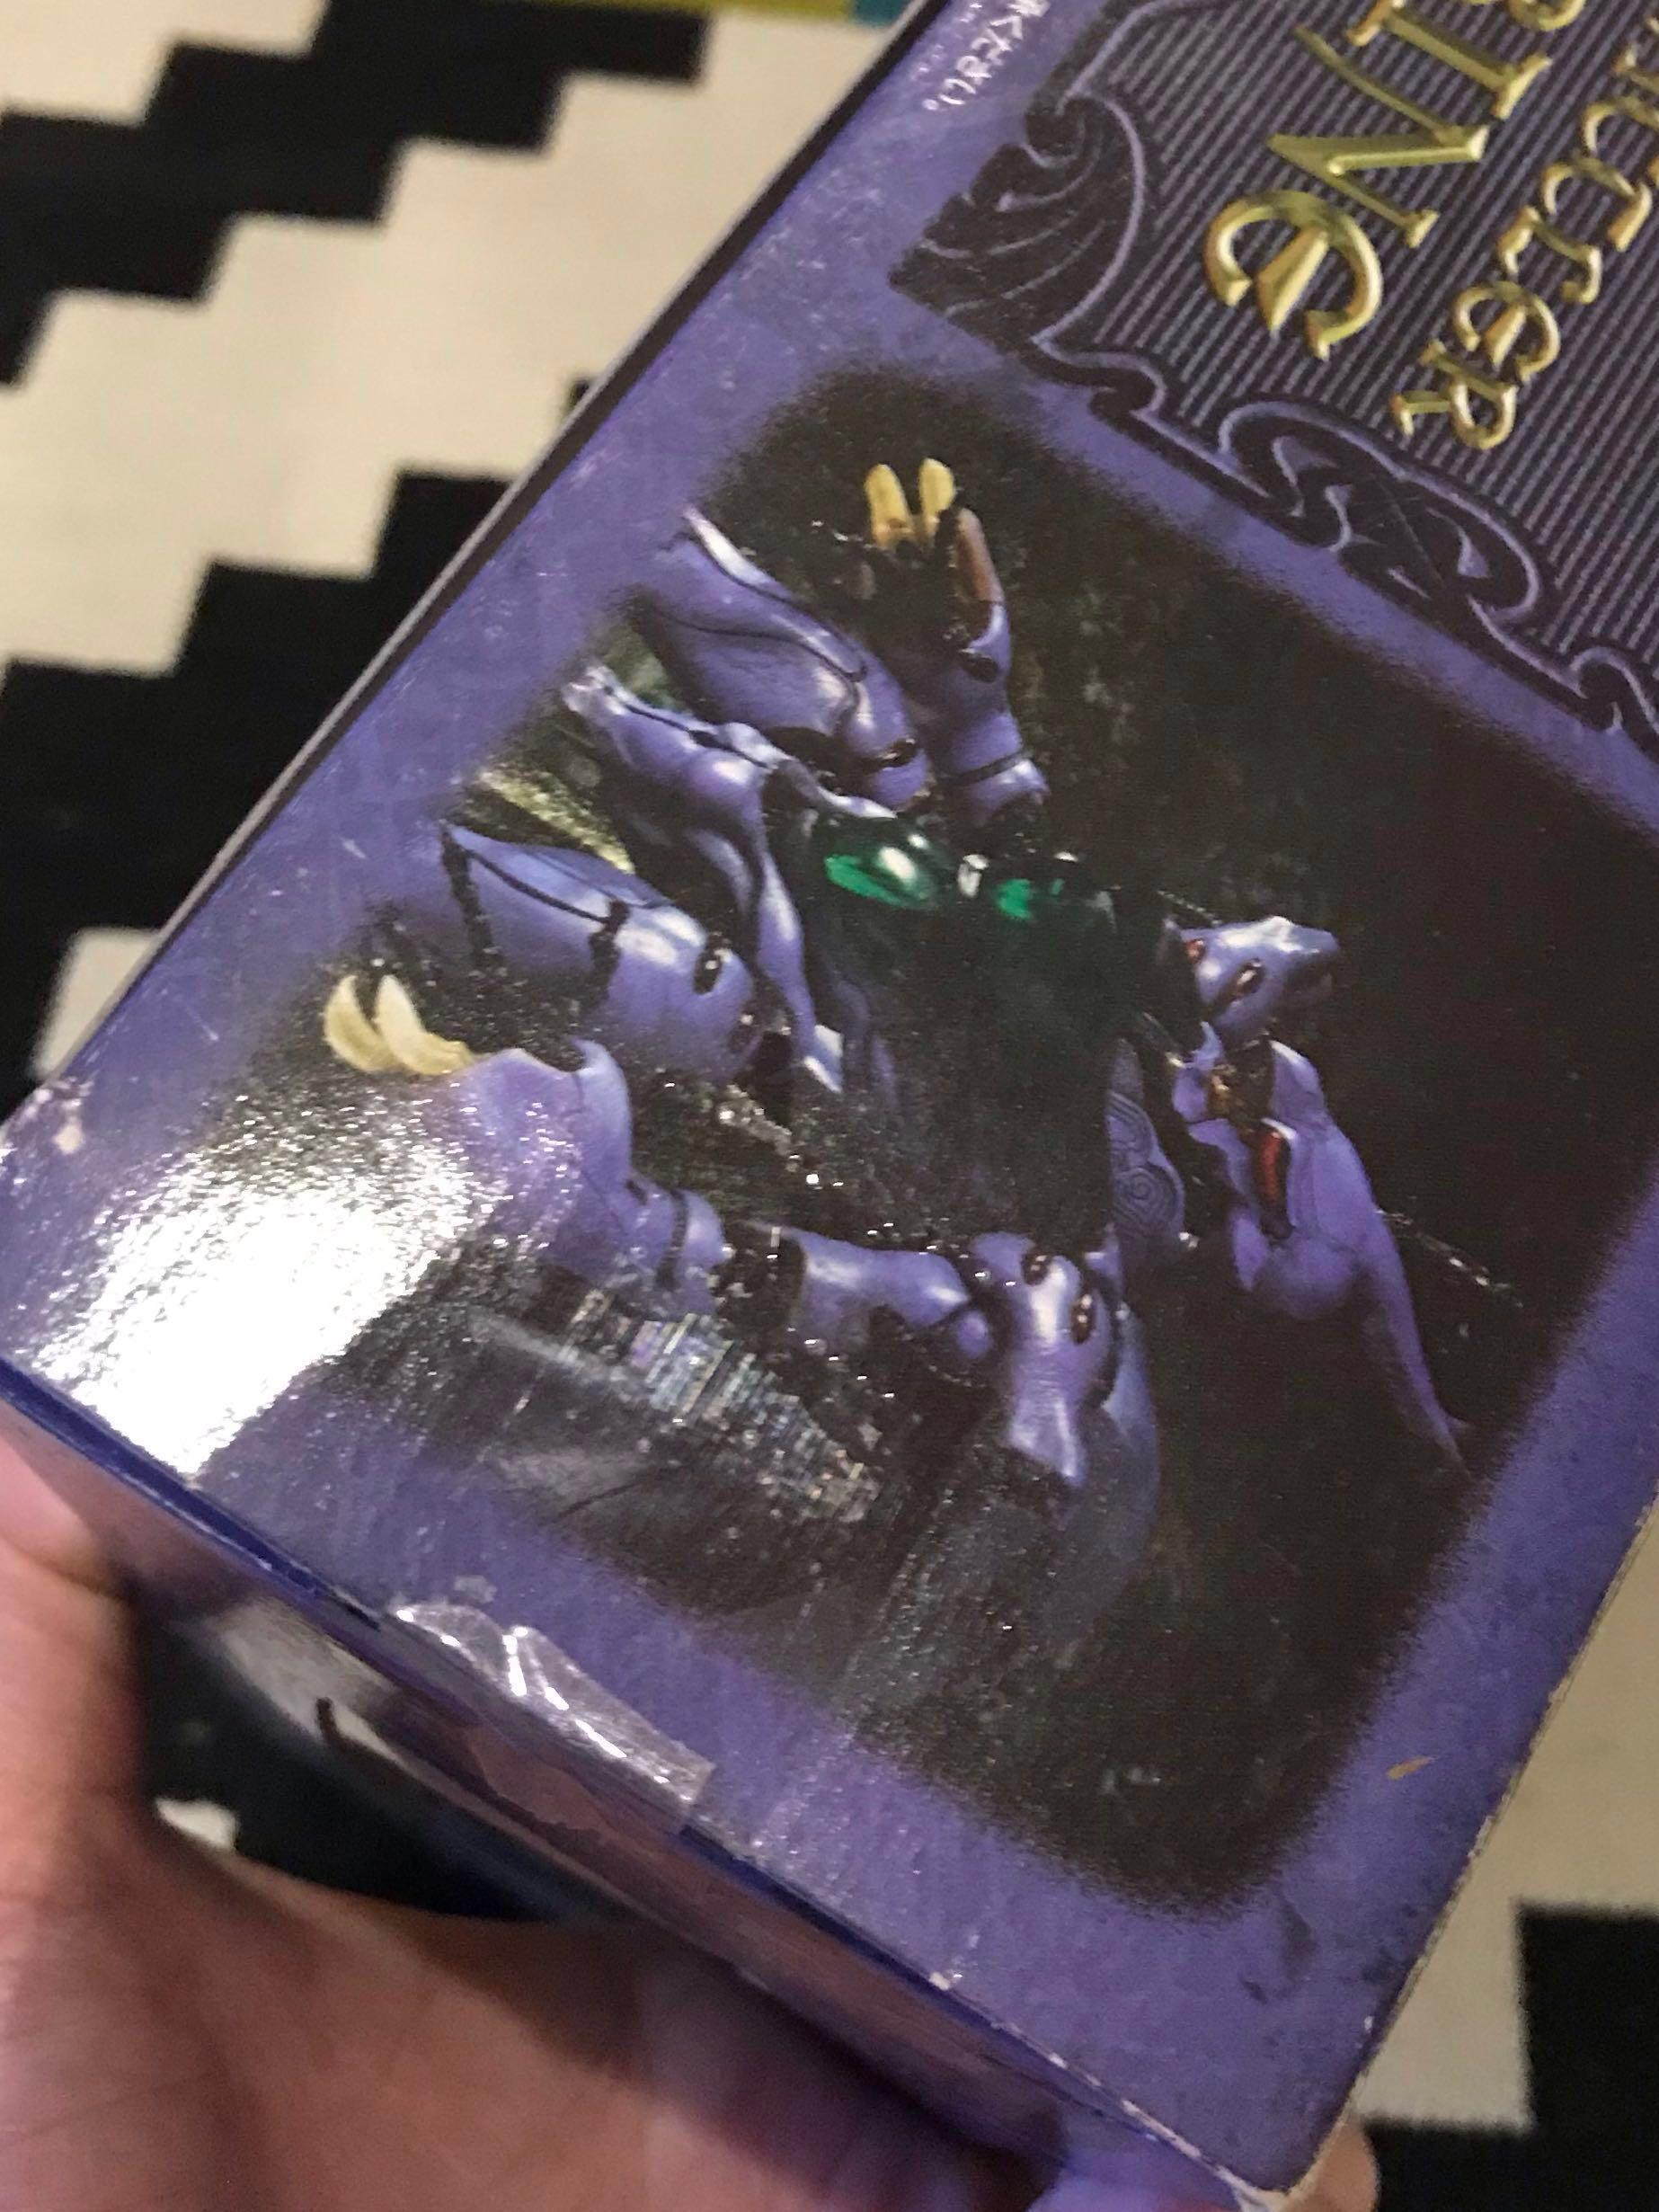 Dunbine : Lord of Byston Well - Vol.1 Aura battler Dunbine